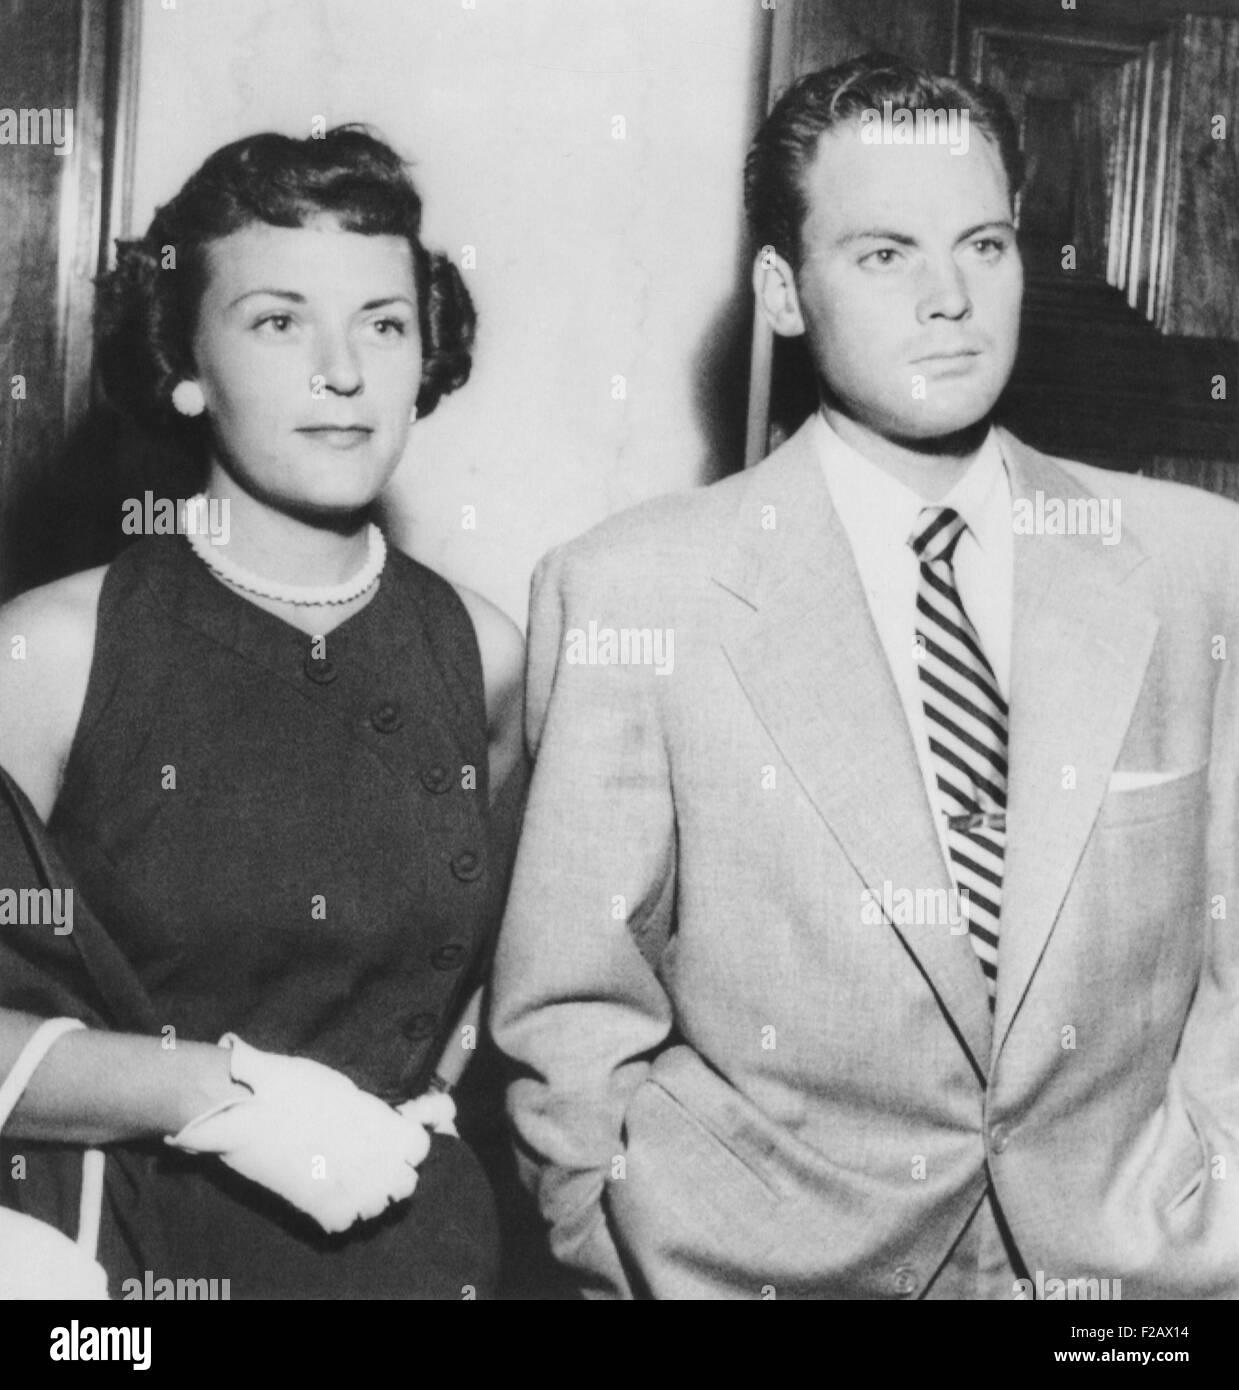 L'acteur John Agar en cour le 20 juillet 1950 pour faire face à des accusations de conduite avec facultés Photo Stock